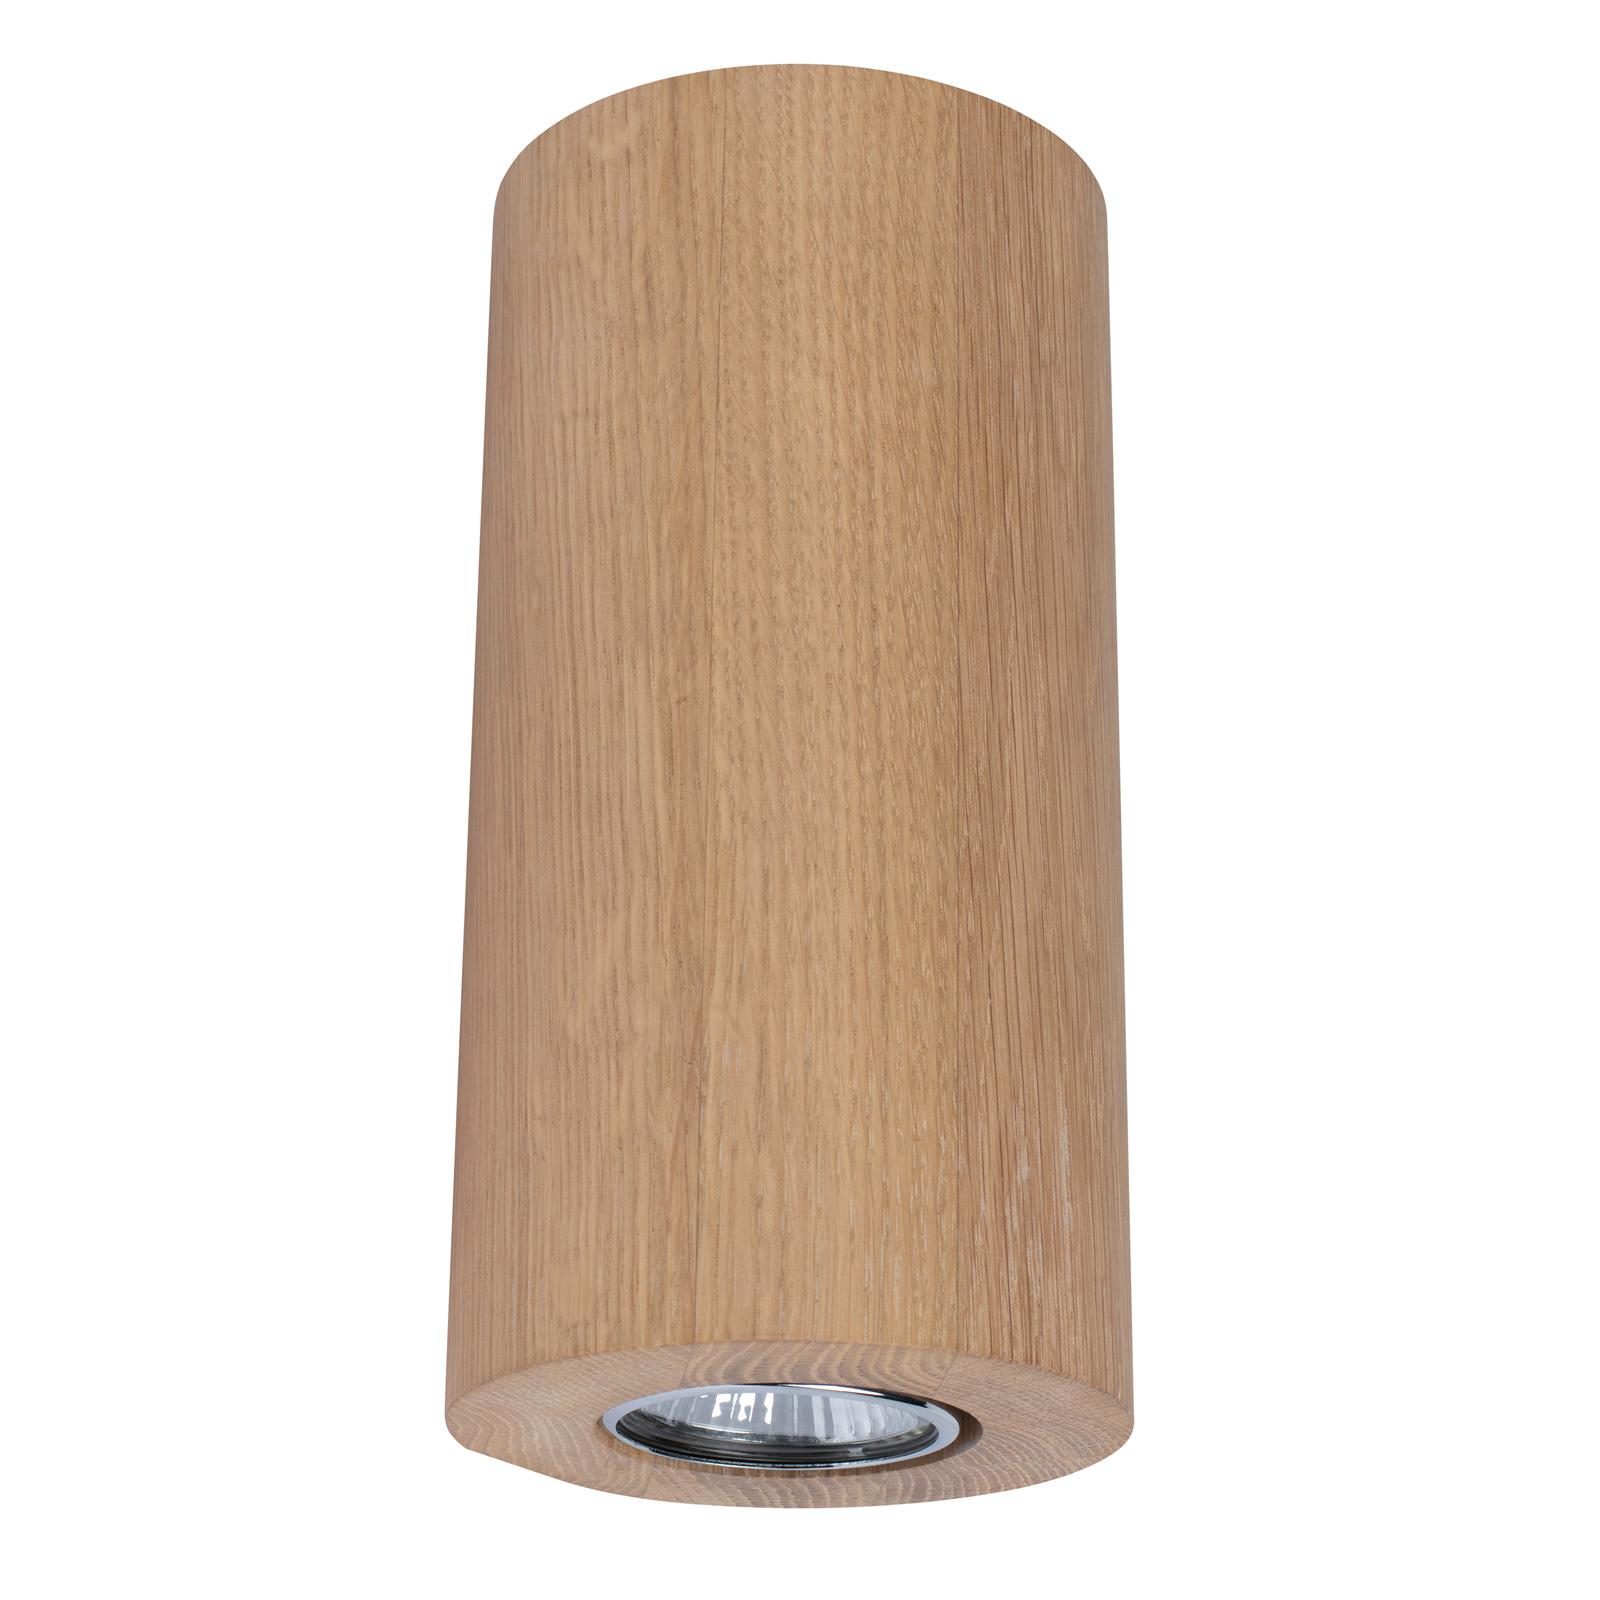 Seinävalaisin Wooddream 1 lamp. tammi pyöreä 20cm